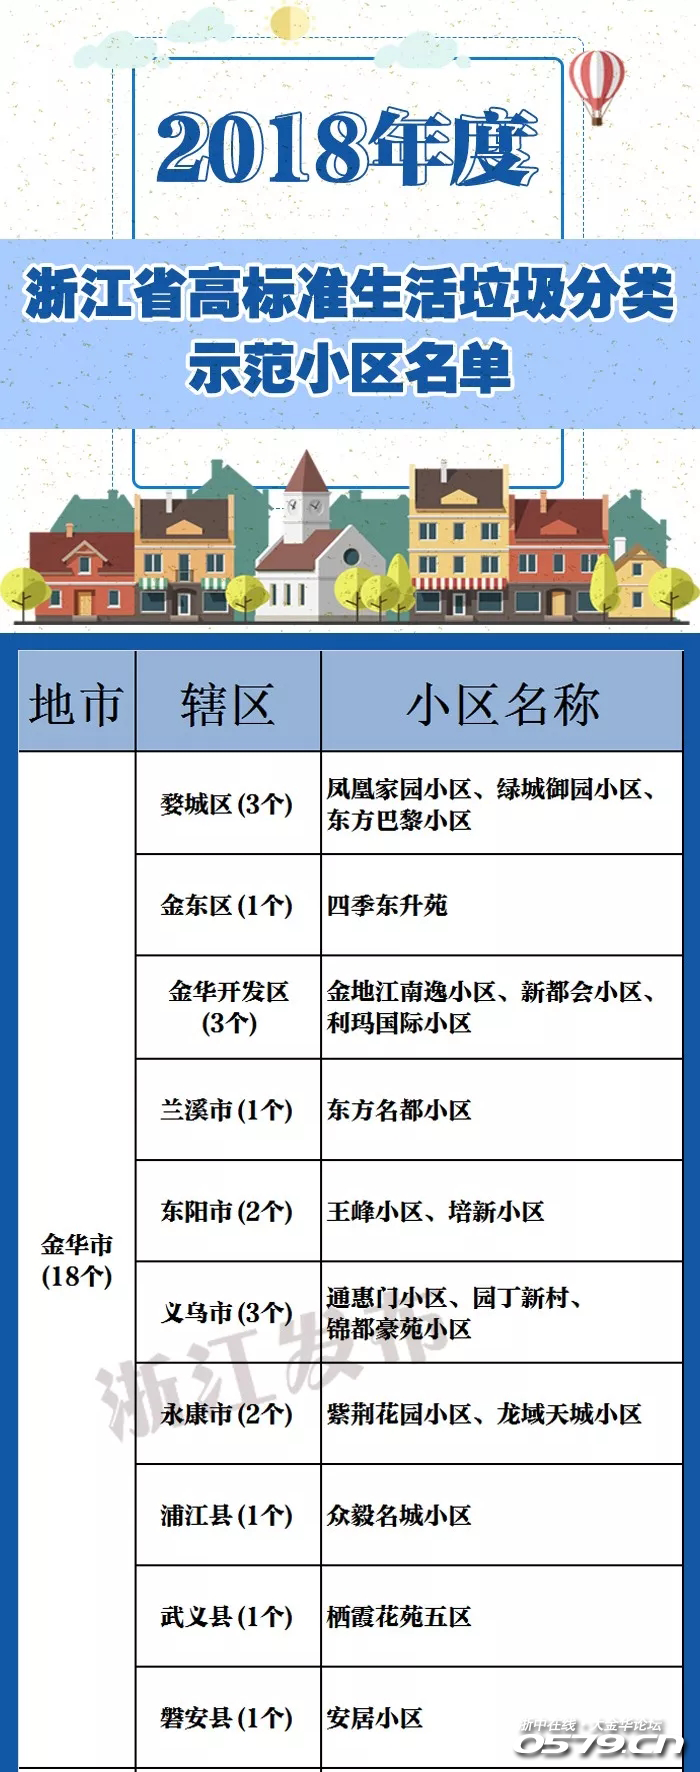 时代花园、欧景名城、婺江新村北、凤凰家园……金华这35个小区被省里点名了!有你家吗?